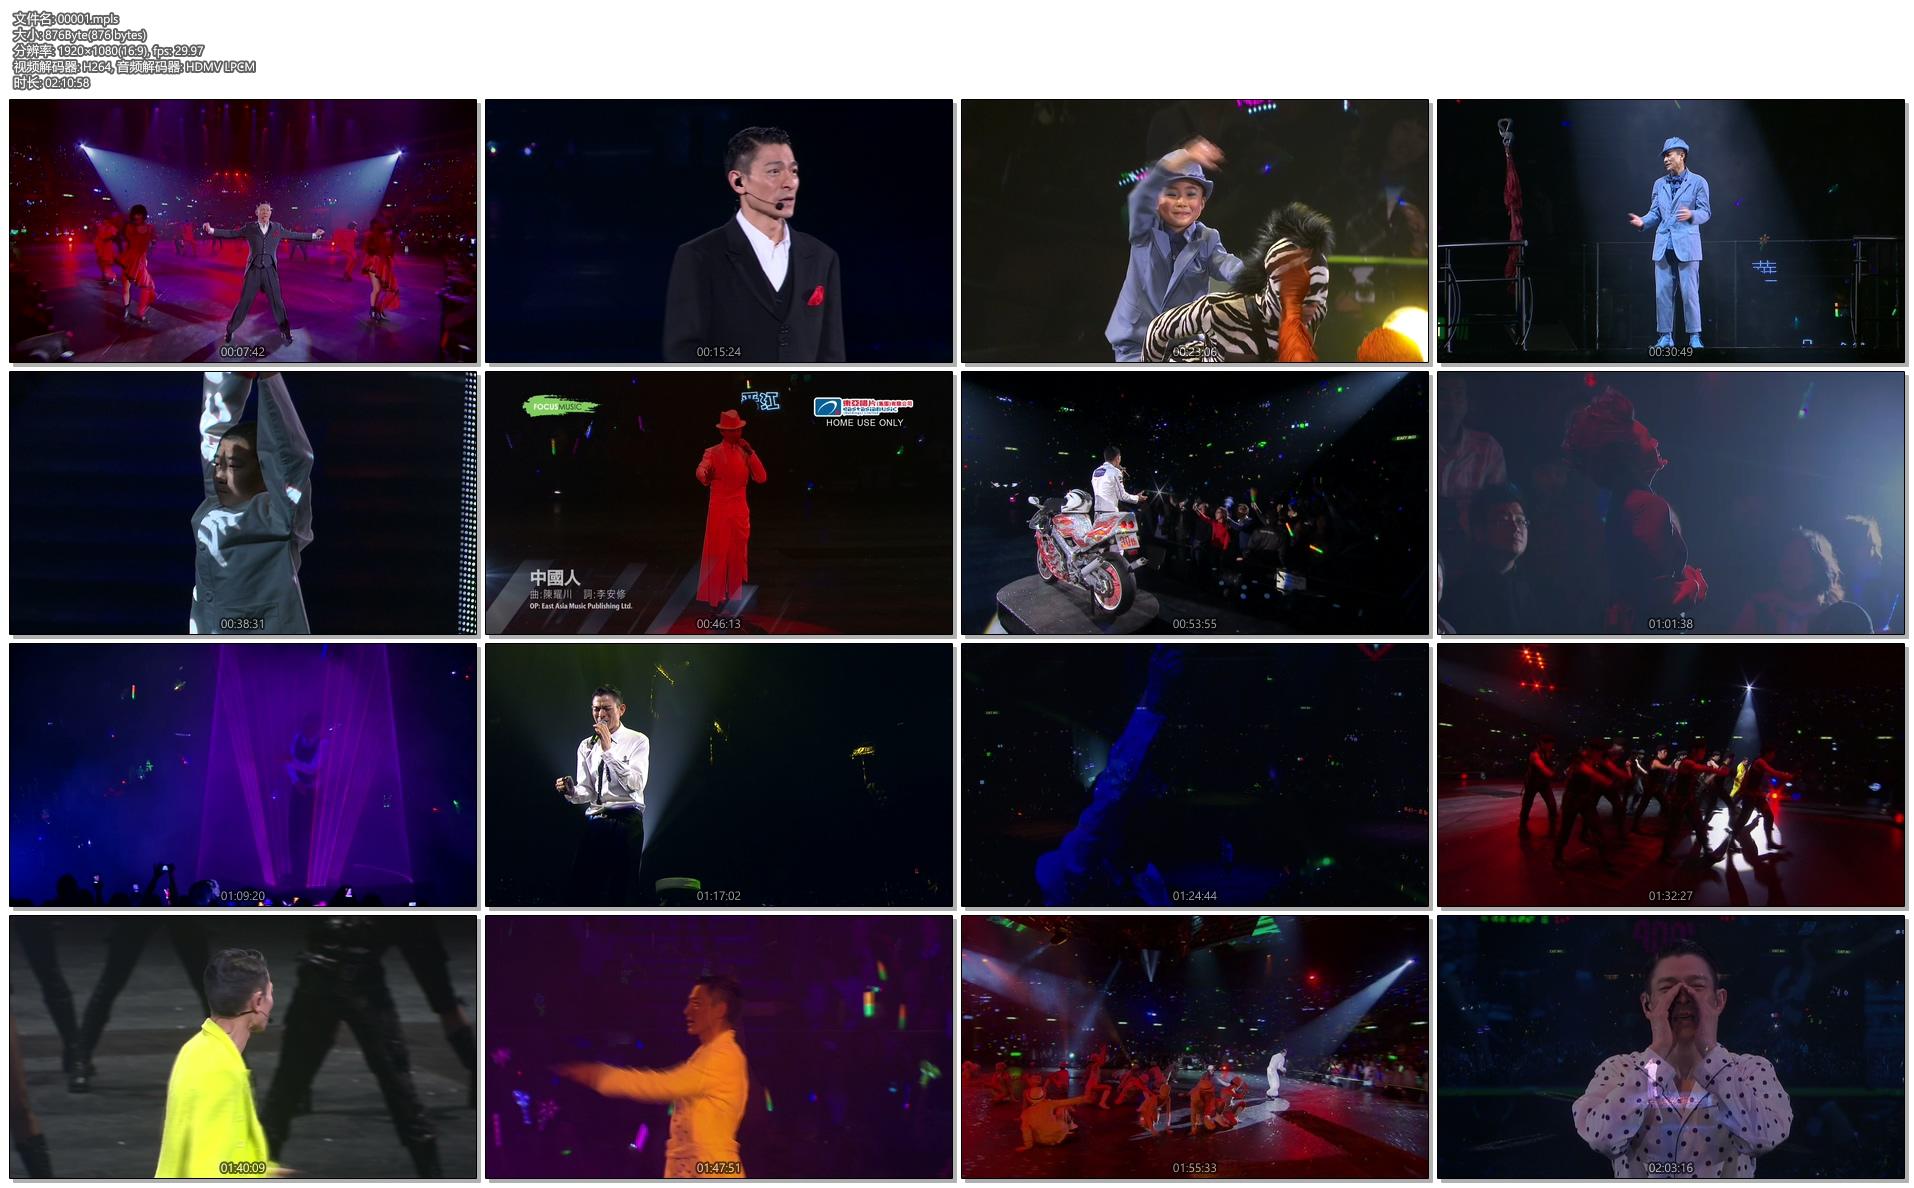 [蓝光原盘] 刘德华 震撼红馆跨年演唱会 Unforgettable Concert 2010《BDMV 43.08G》插图(2)